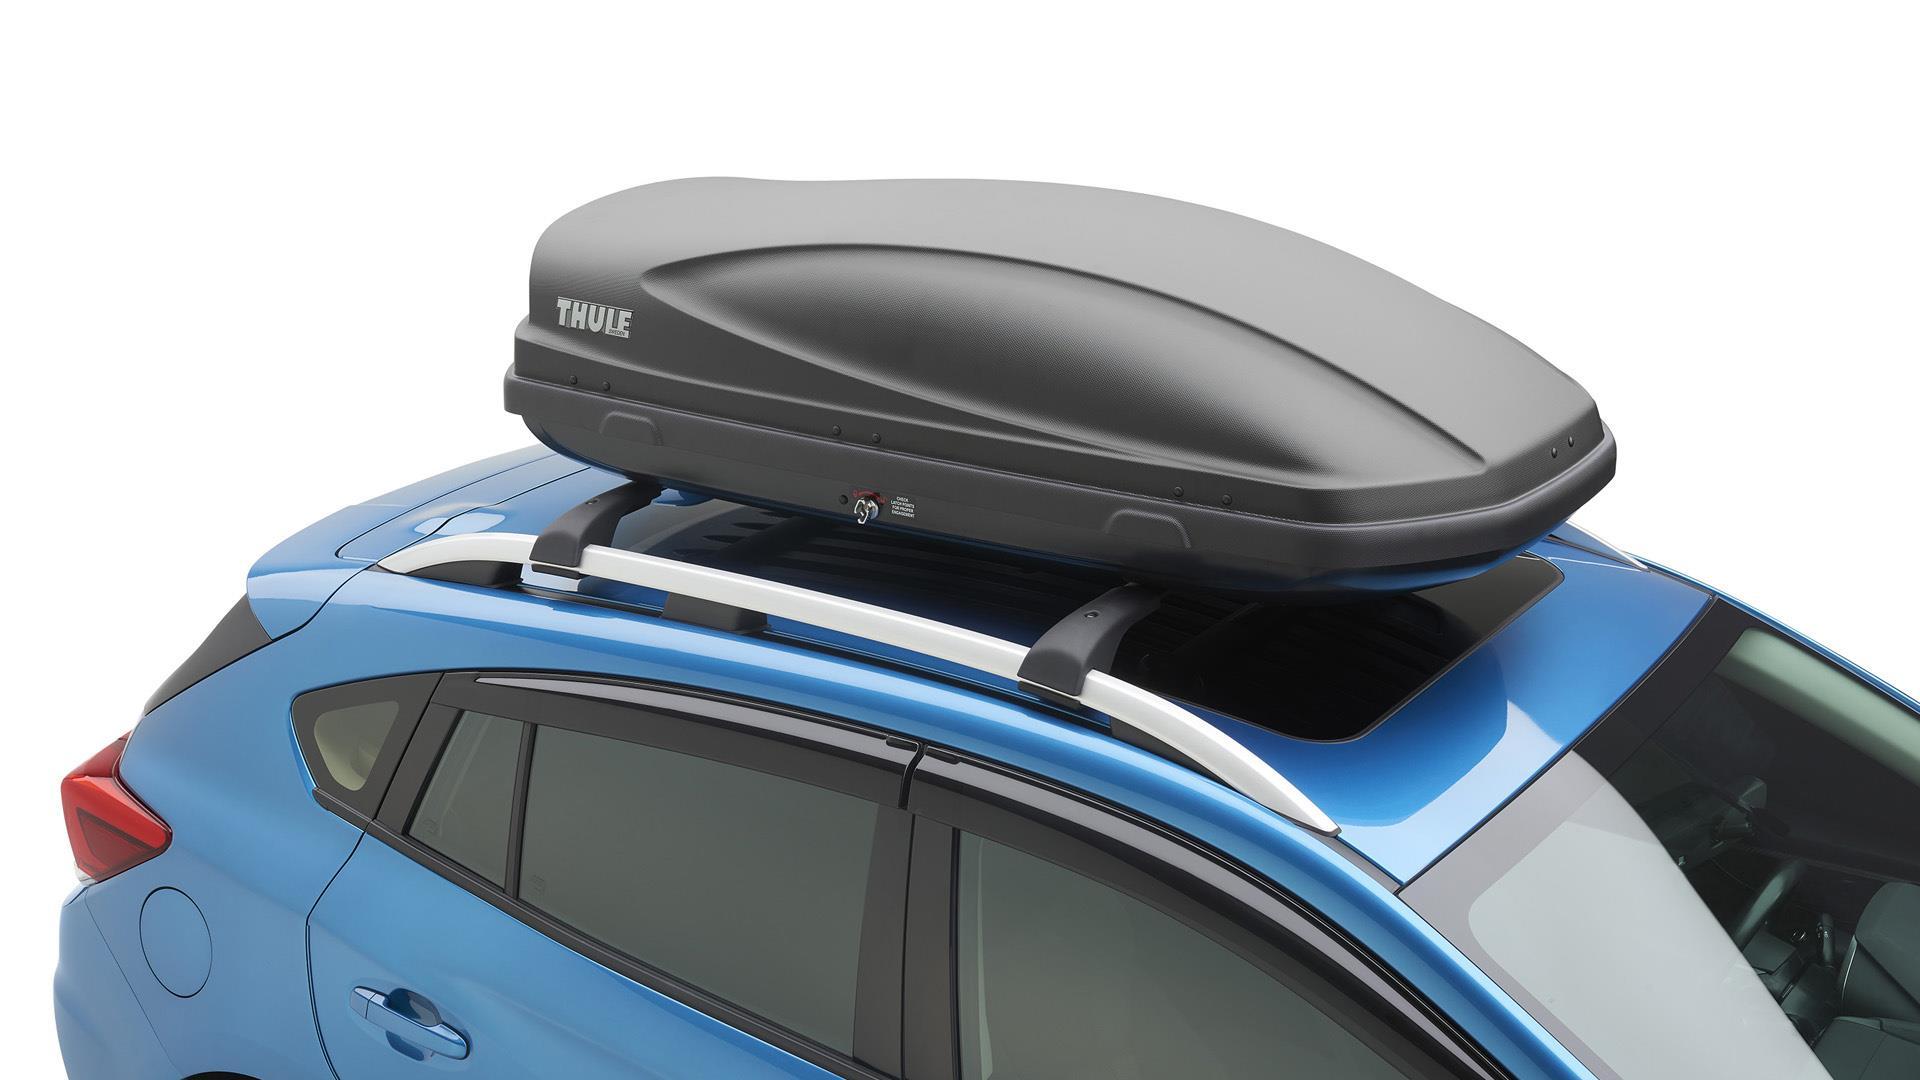 2016 subaru outback roof cargo carrier provides side. Black Bedroom Furniture Sets. Home Design Ideas